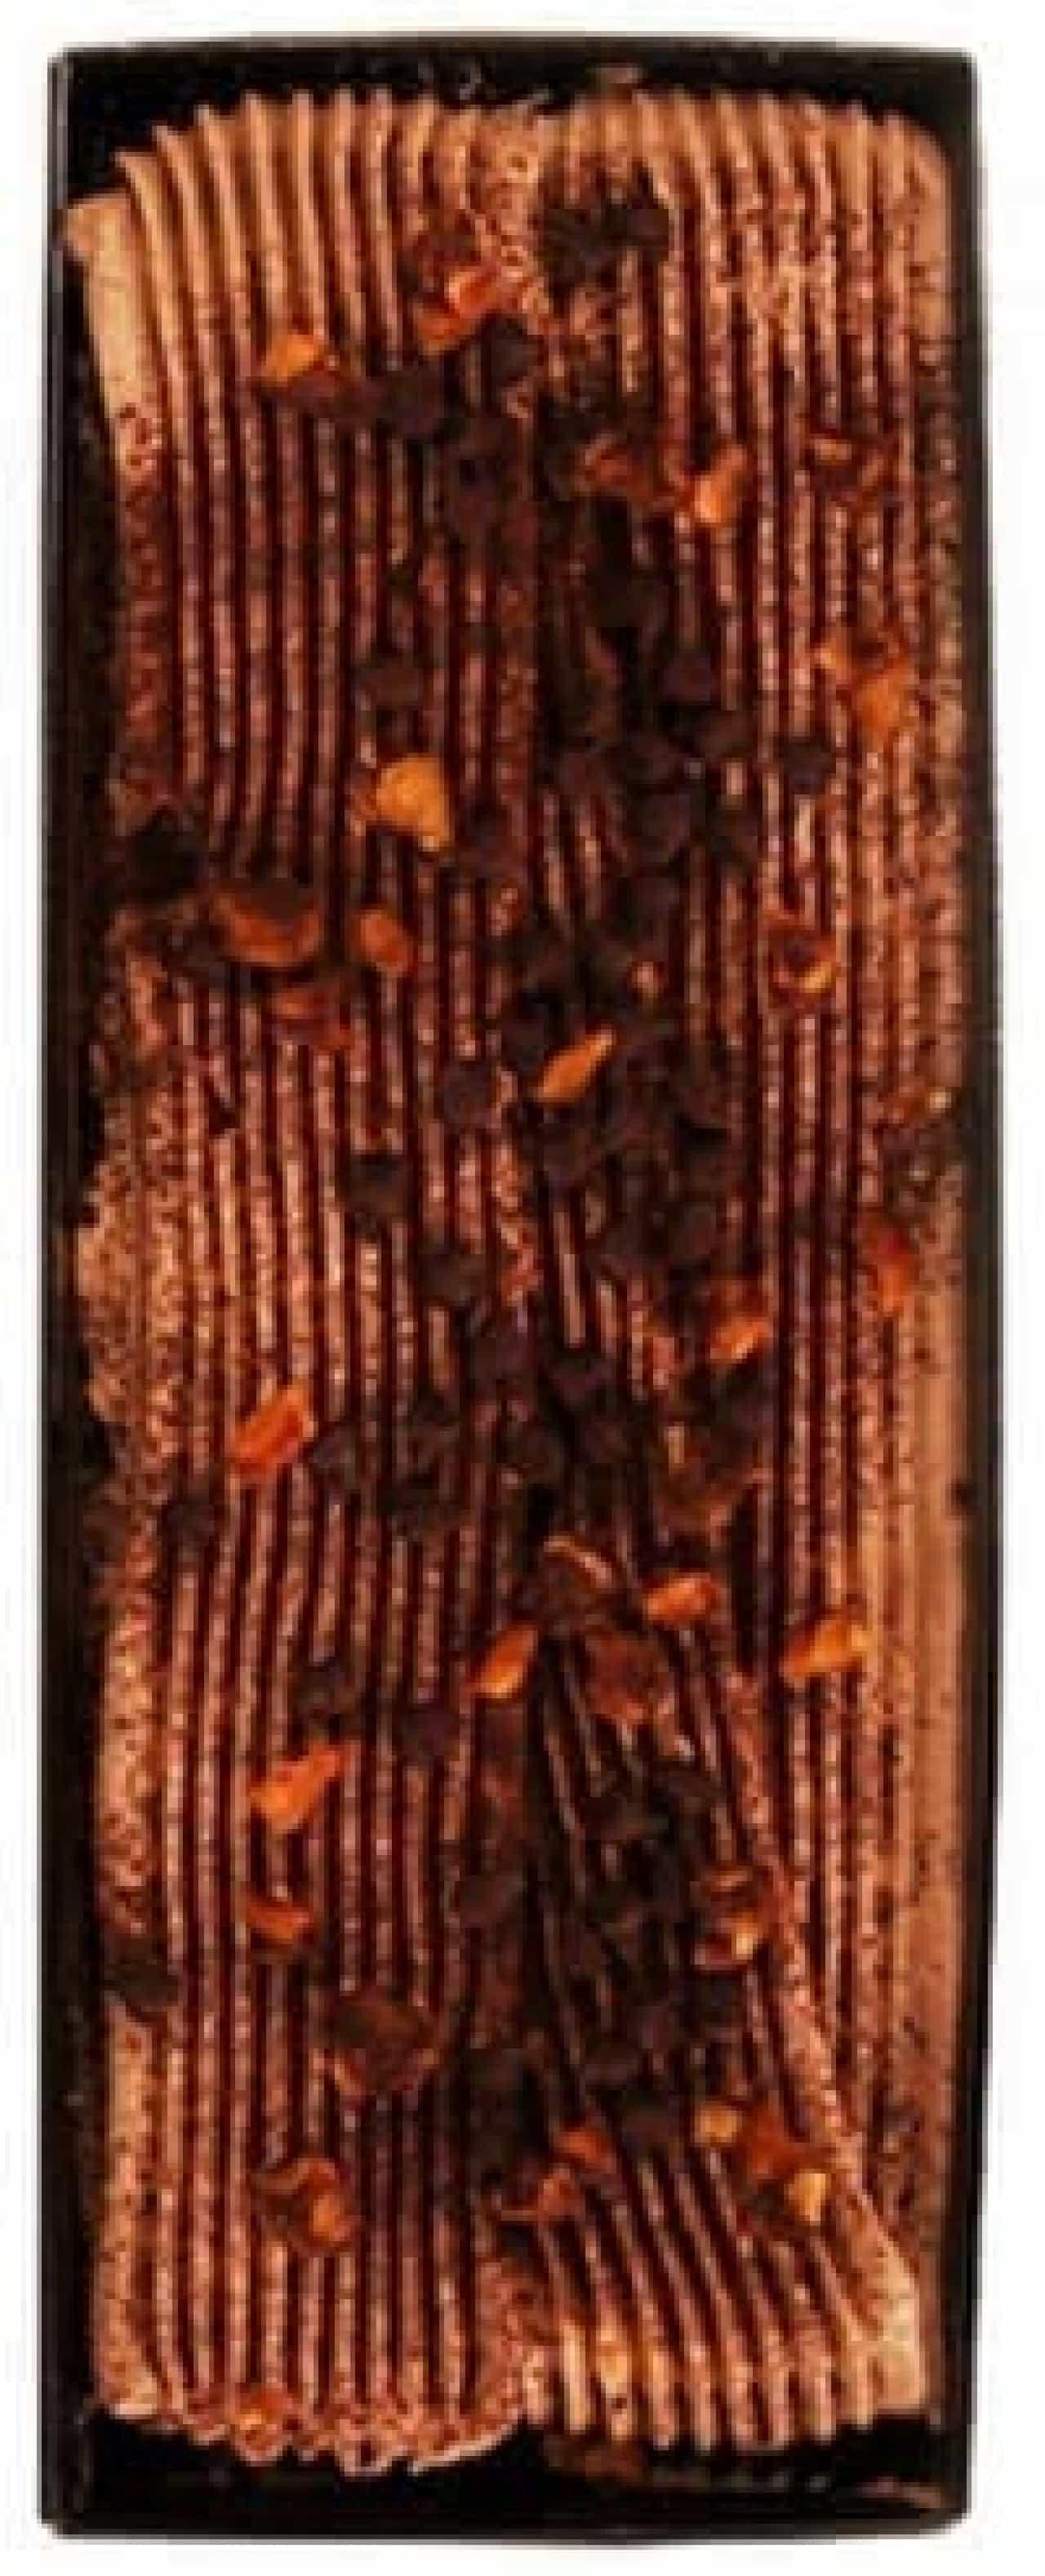 ファミリーマート「窯焼きショコラケーキ」